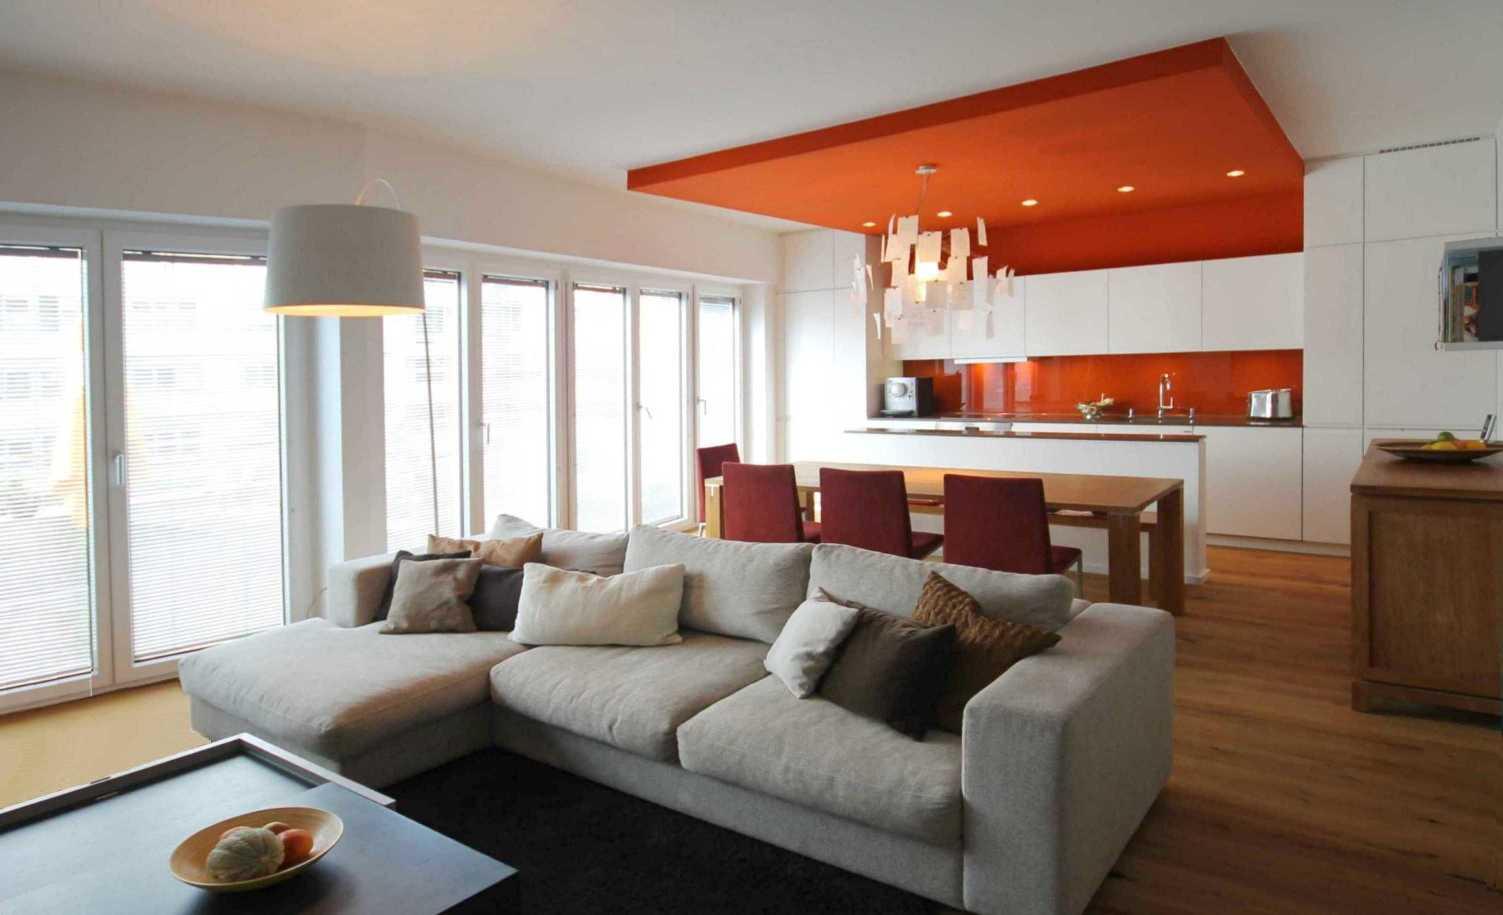 Wohnzimmer offene küche im wohnzimmer : Veröffentlicht am 28. September 2012 Volle Größe 1503 × 915